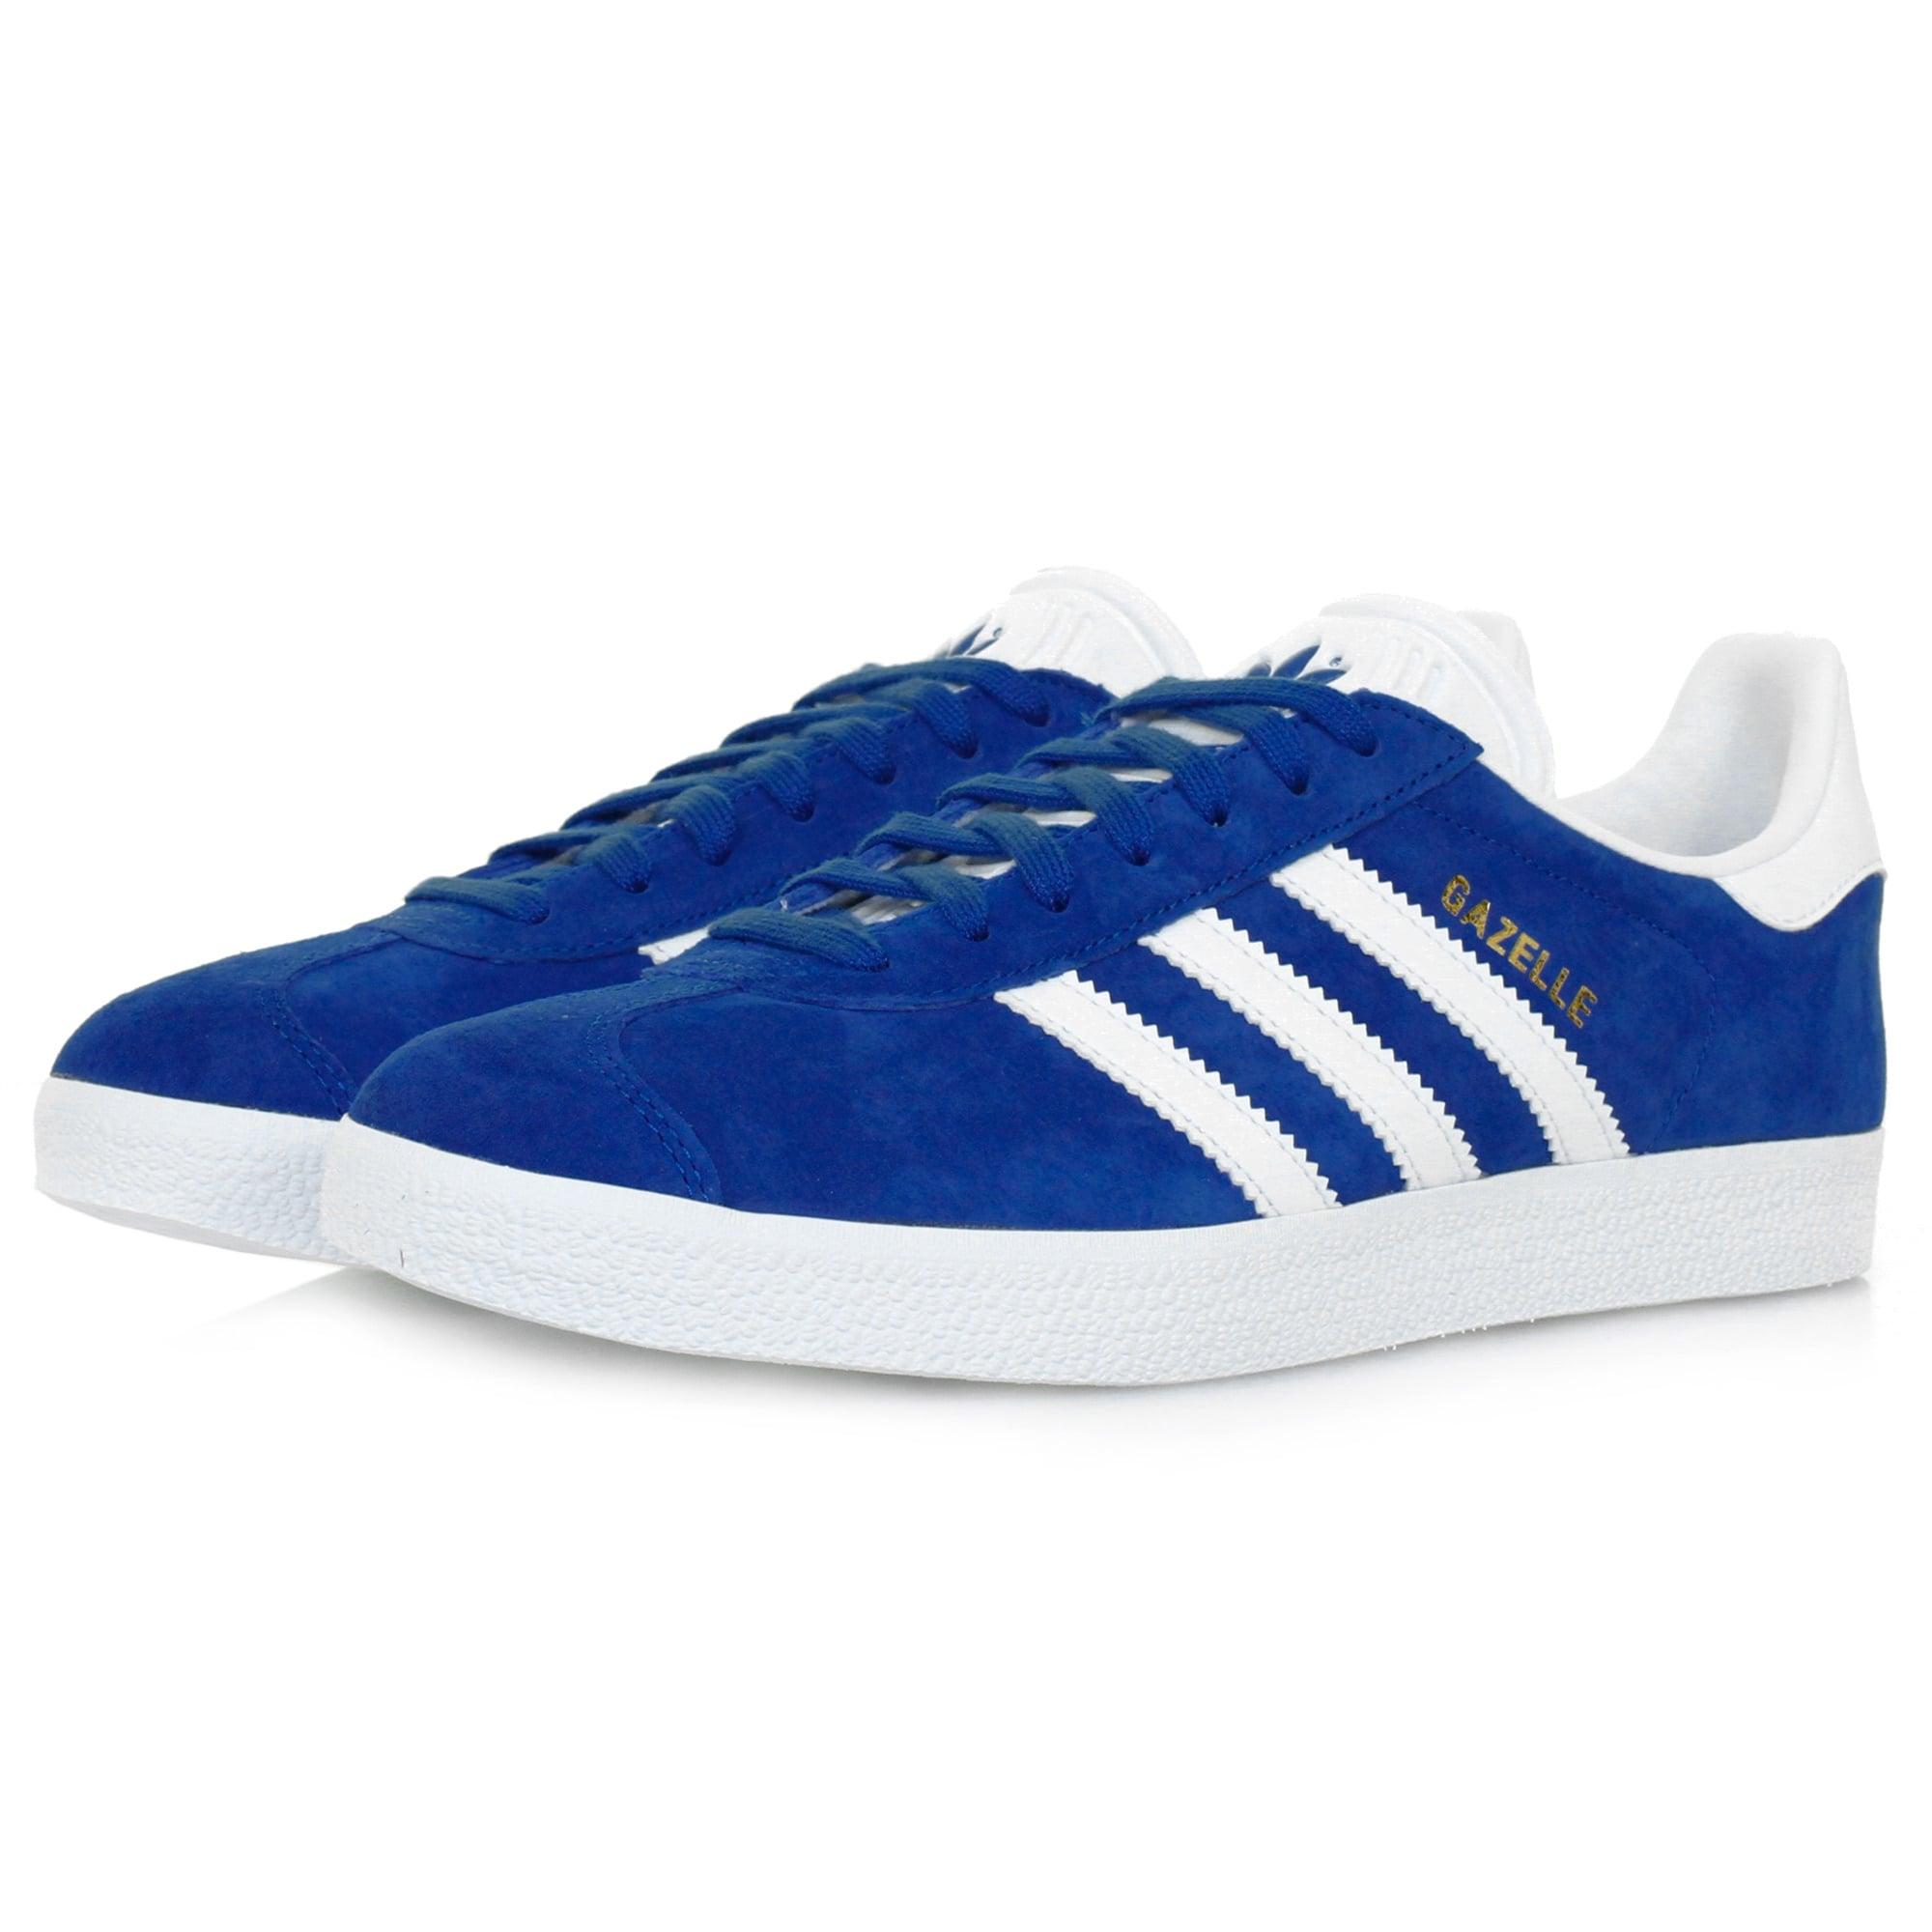 royal blue adidas gazelle